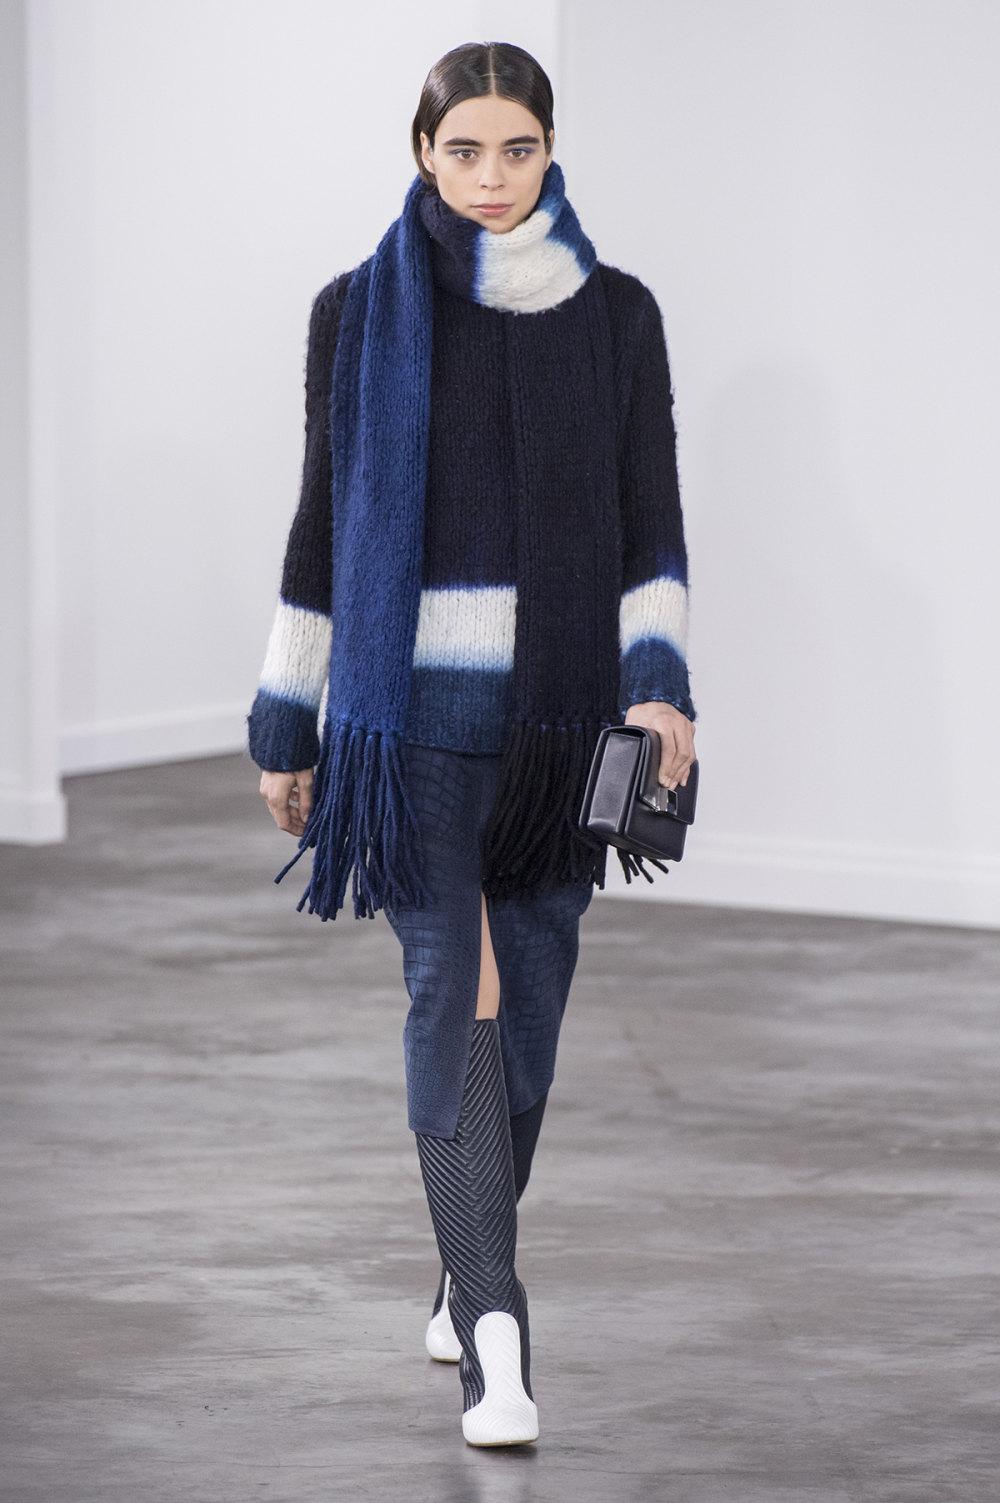 Gabriela Hearst时装系列细条纹西装和宽大毛衣之间形成鲜明对比-19.jpg